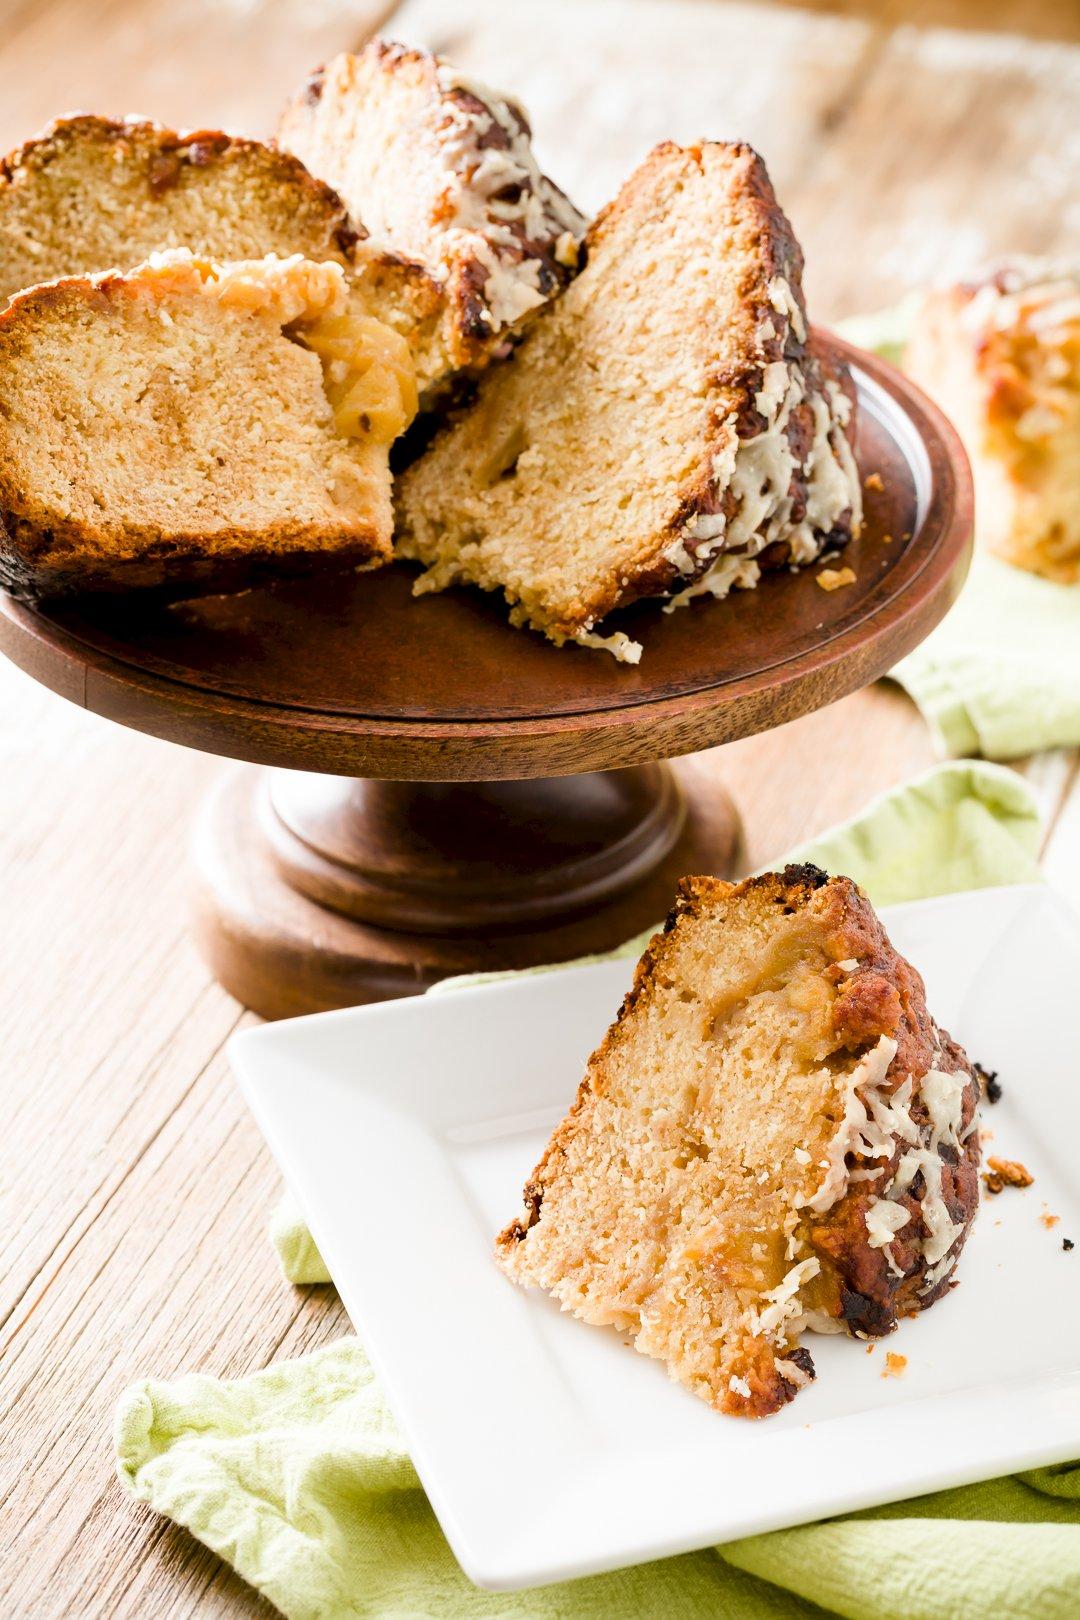 Caramel Apple and Cheddar Soda Bread